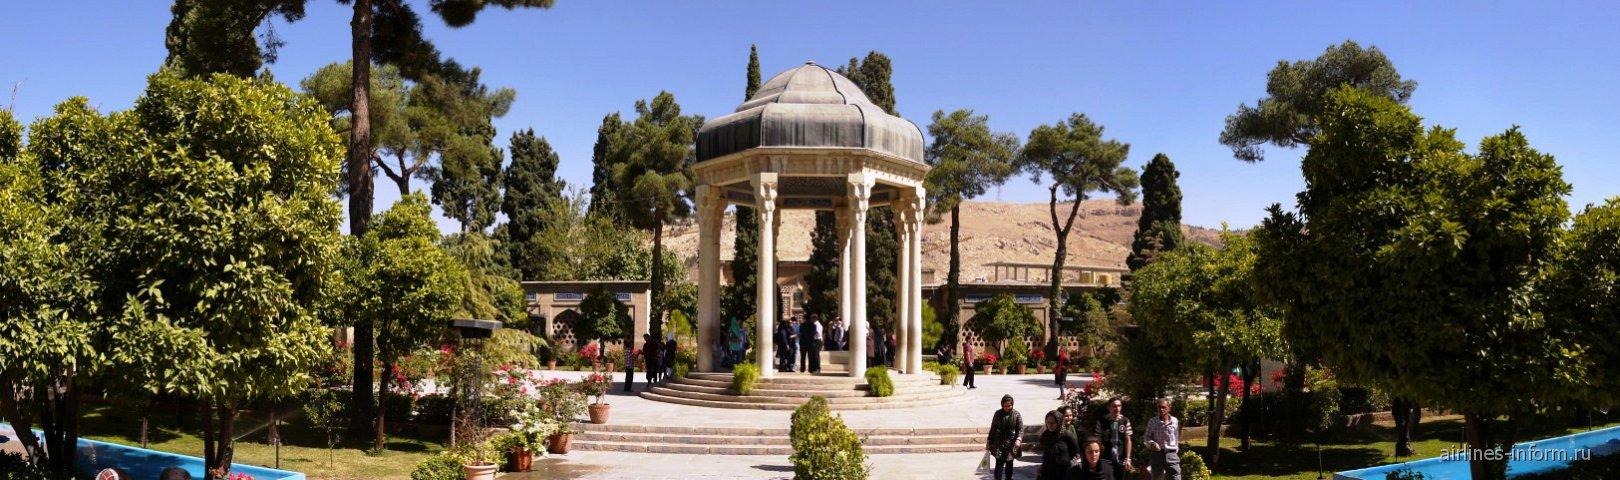 Мавзолей поэта Хафиза, особо почитаемого в Иране.